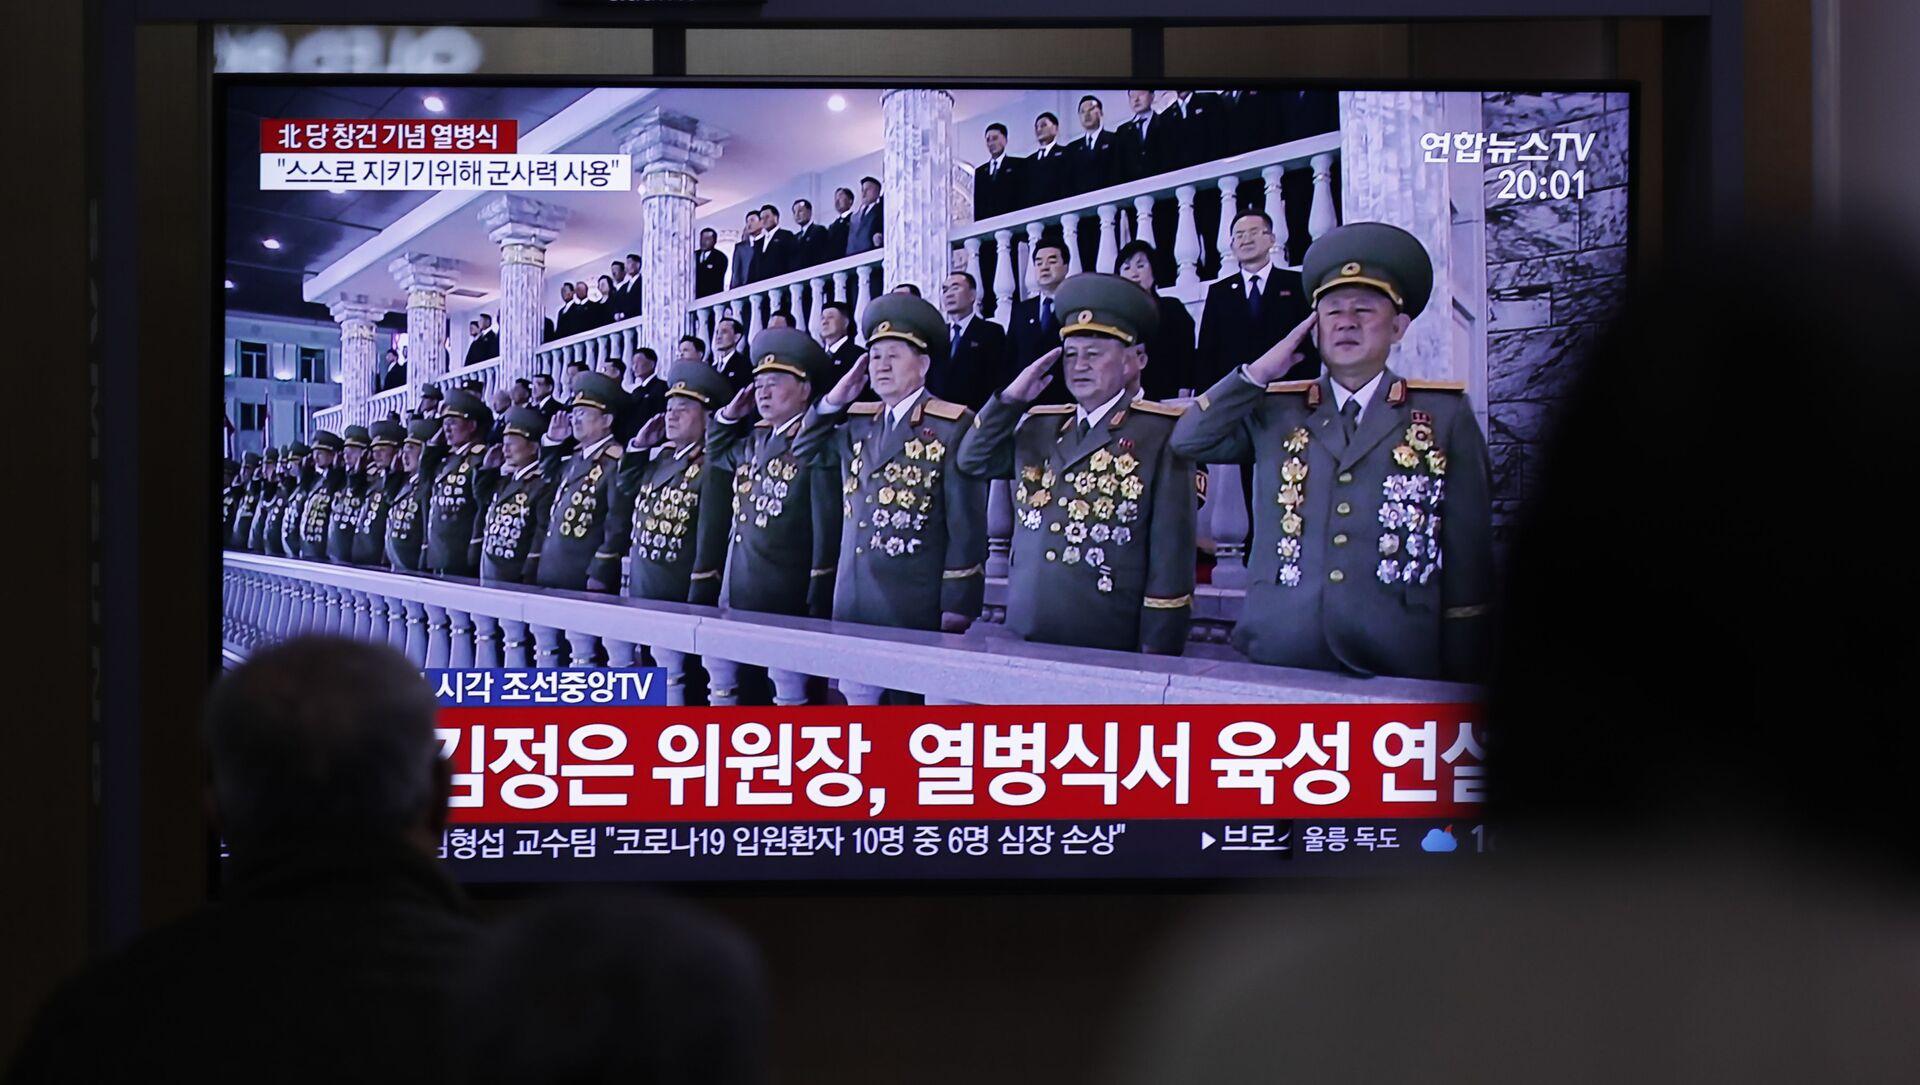 Трансляция военного парада в честь 75-летия Трудовой партии Северной Кореи на железнодорожном вокзале в Сеуле, Южная Корея - Sputnik Italia, 1920, 01.02.2021